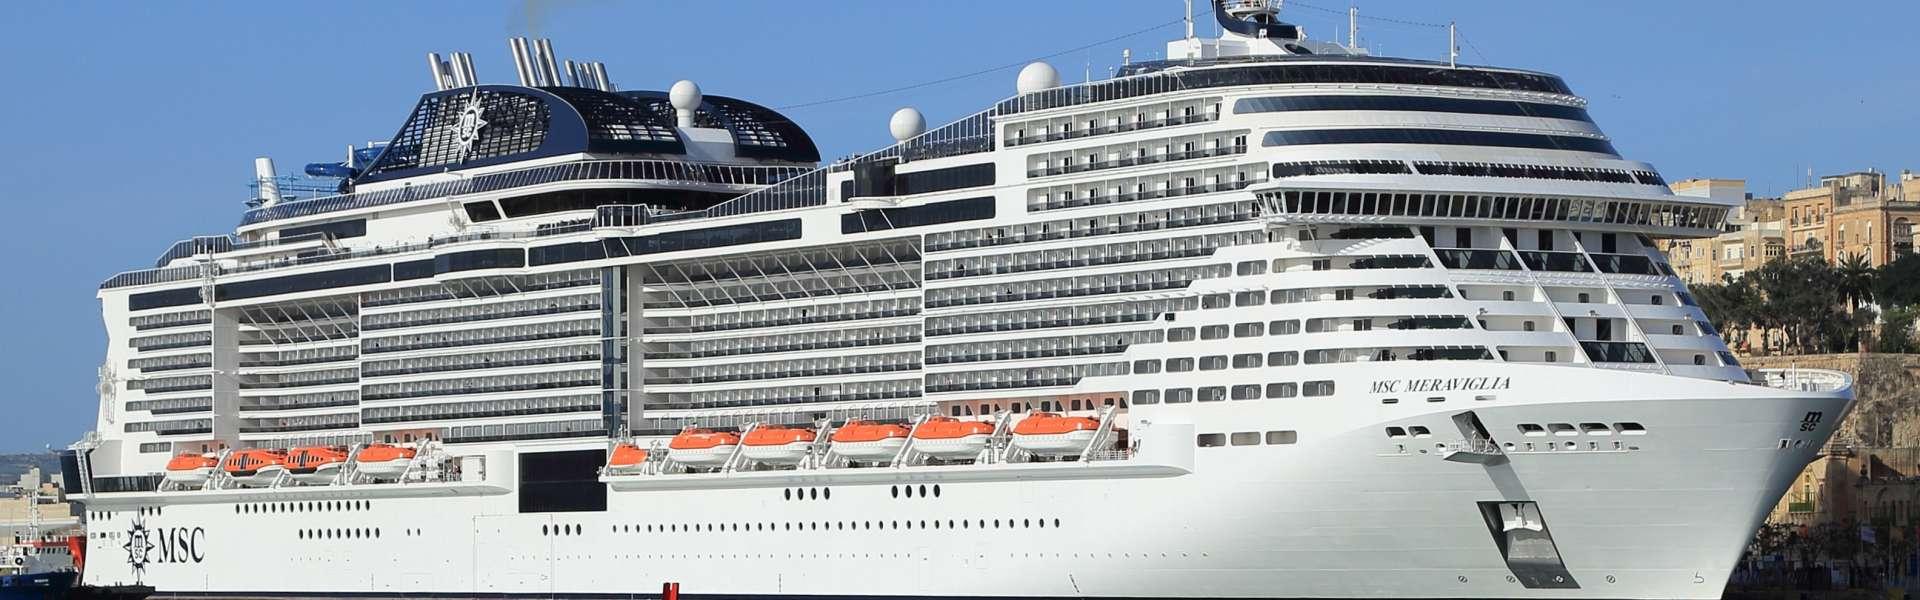 Croaziera de Grup Organizat cu Zbor Inclus 2019 - Fiordurile Norvegiene (Kiel) - MSC Cruises - MSC Meraviglia - 7 nopti